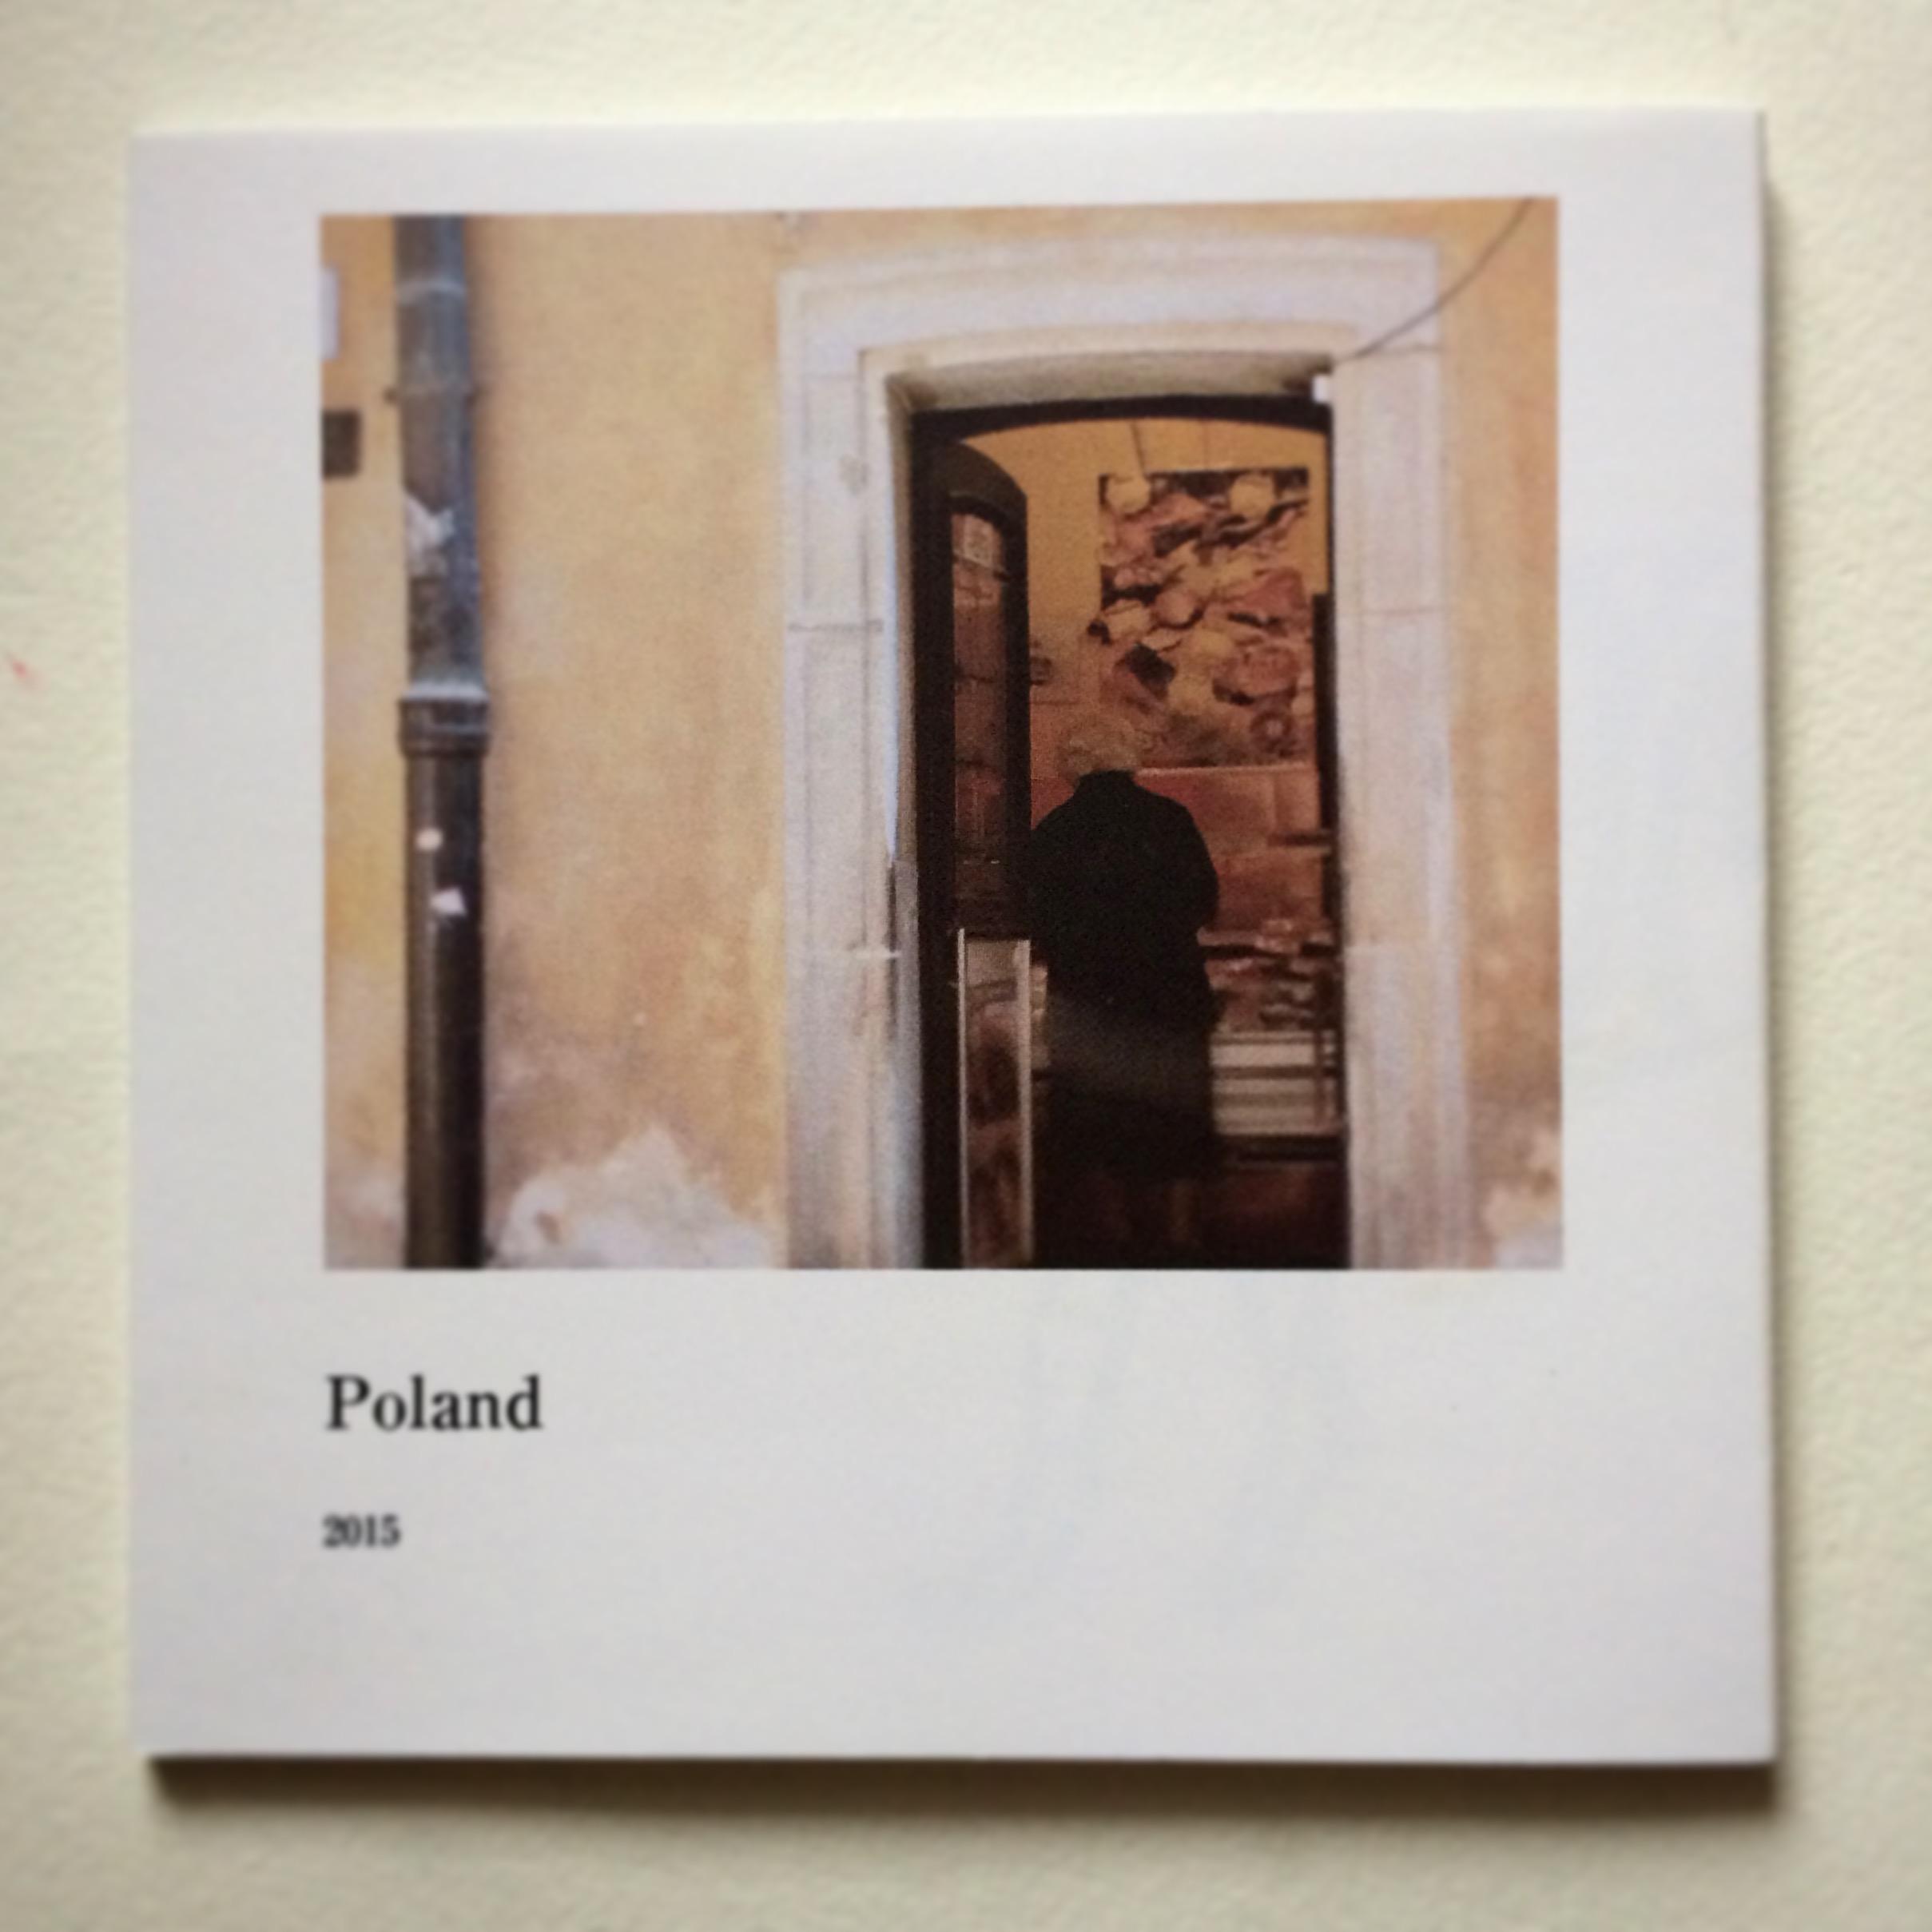 Poland2015